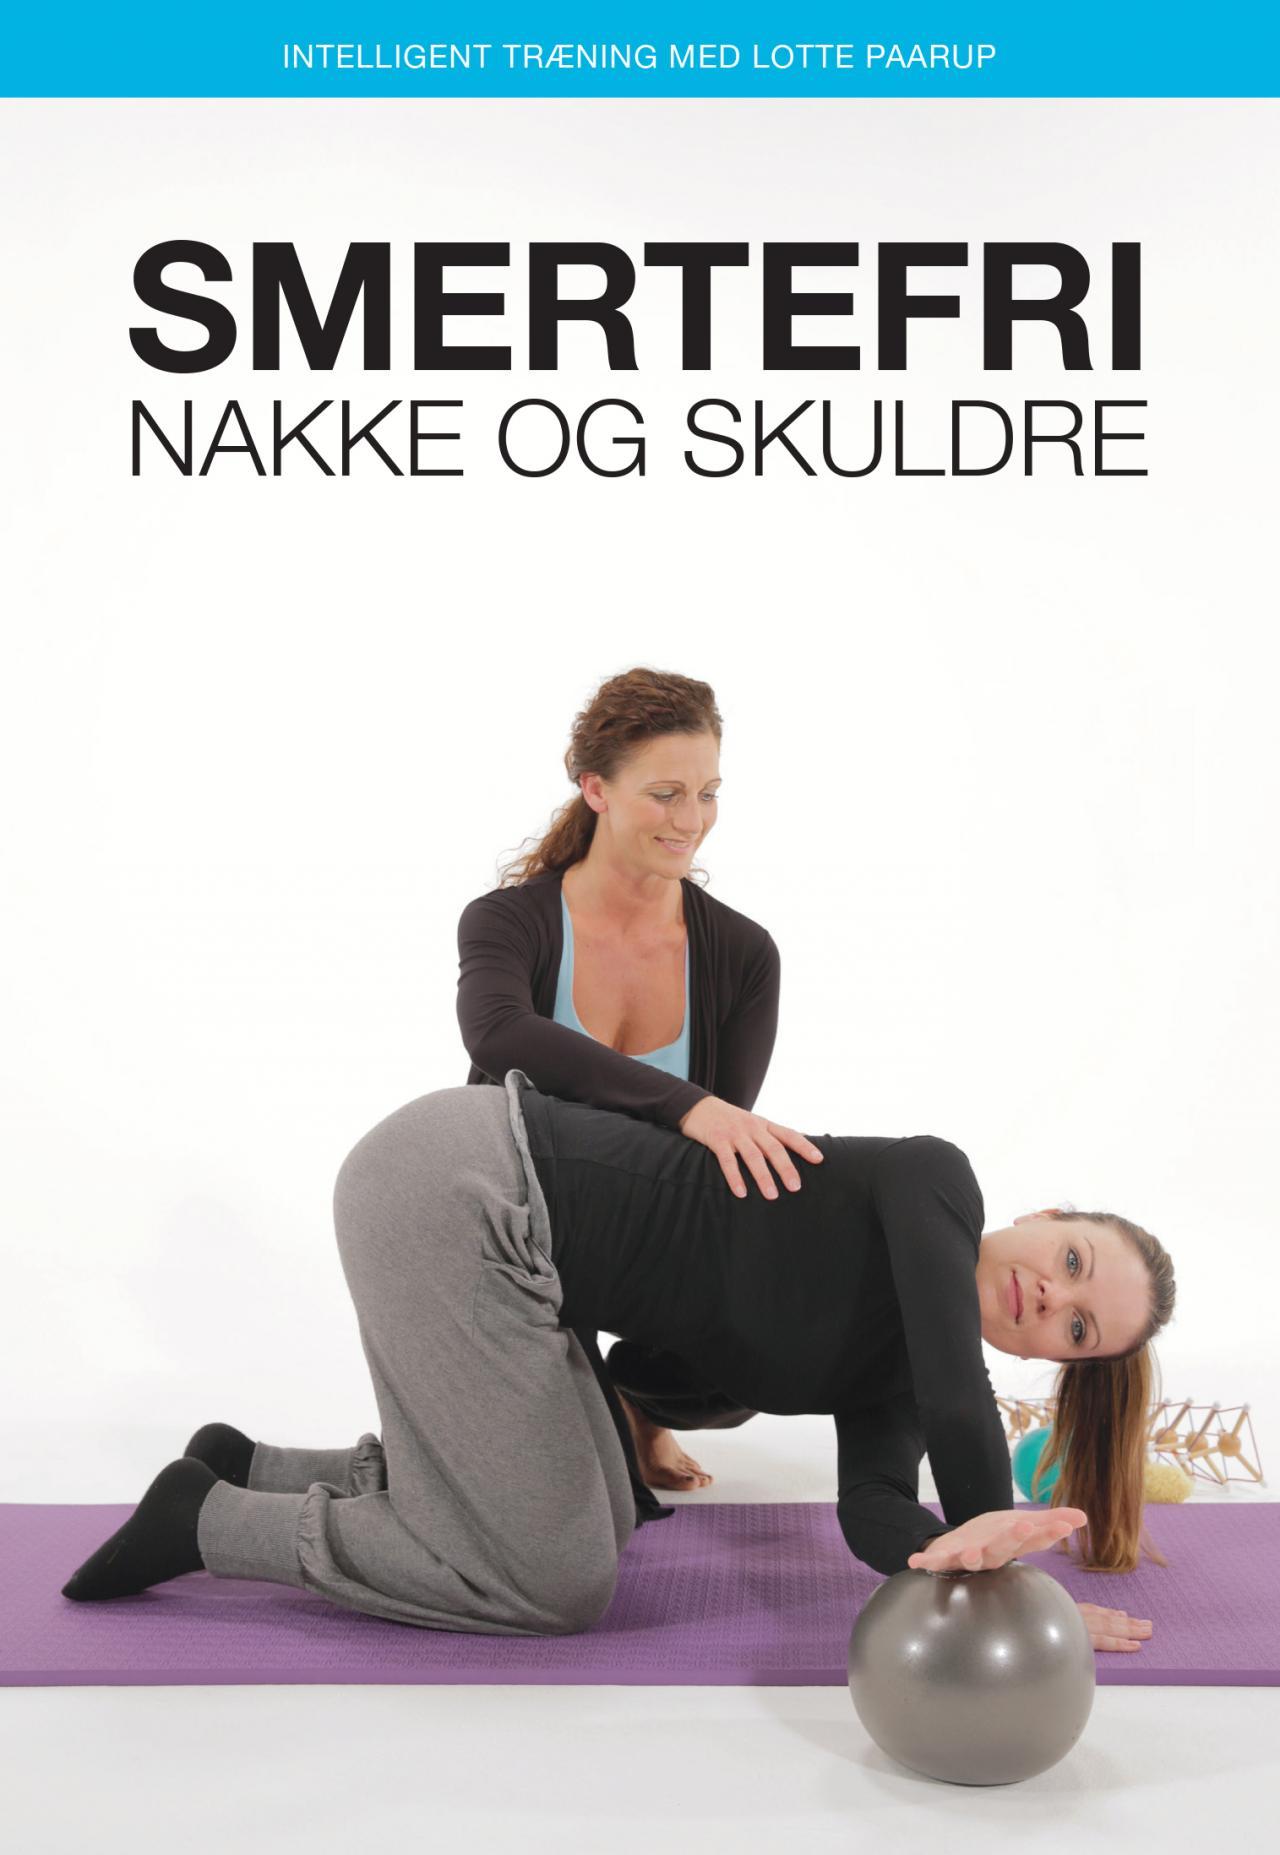 N/A – Smertefri nakke og skuldre på mindly.dk